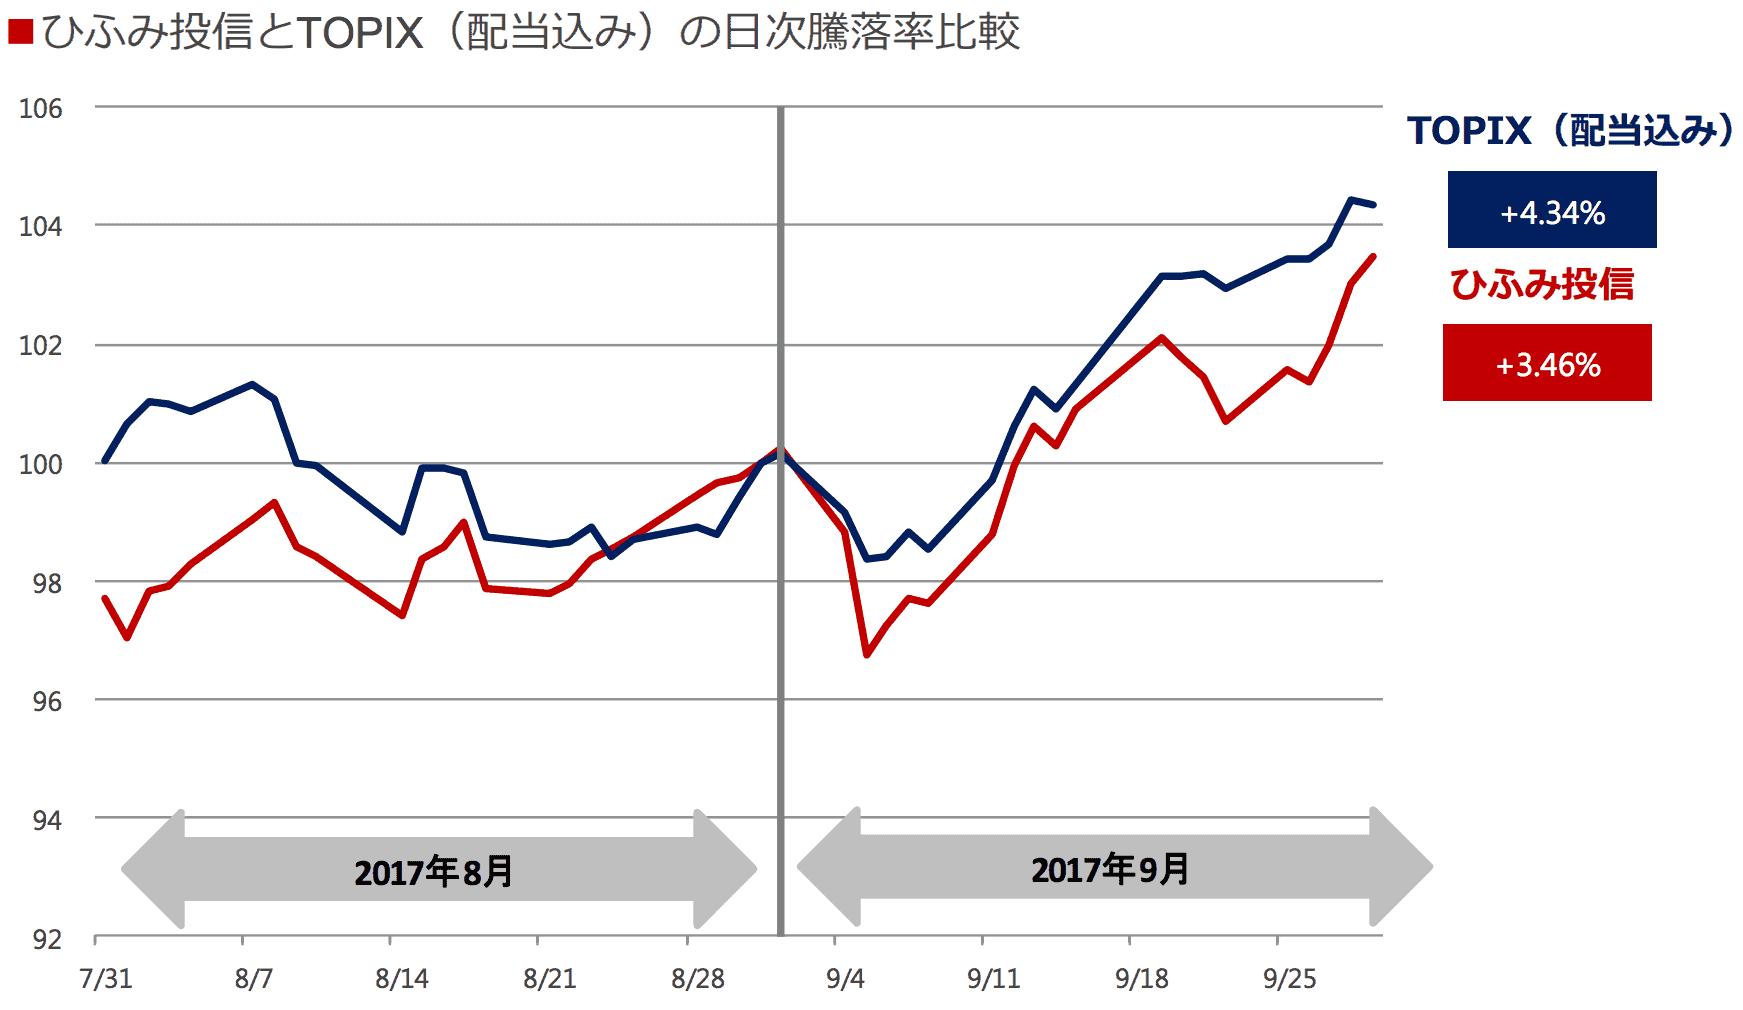 ひふみとTOPIXの月次パフォーマンス比較